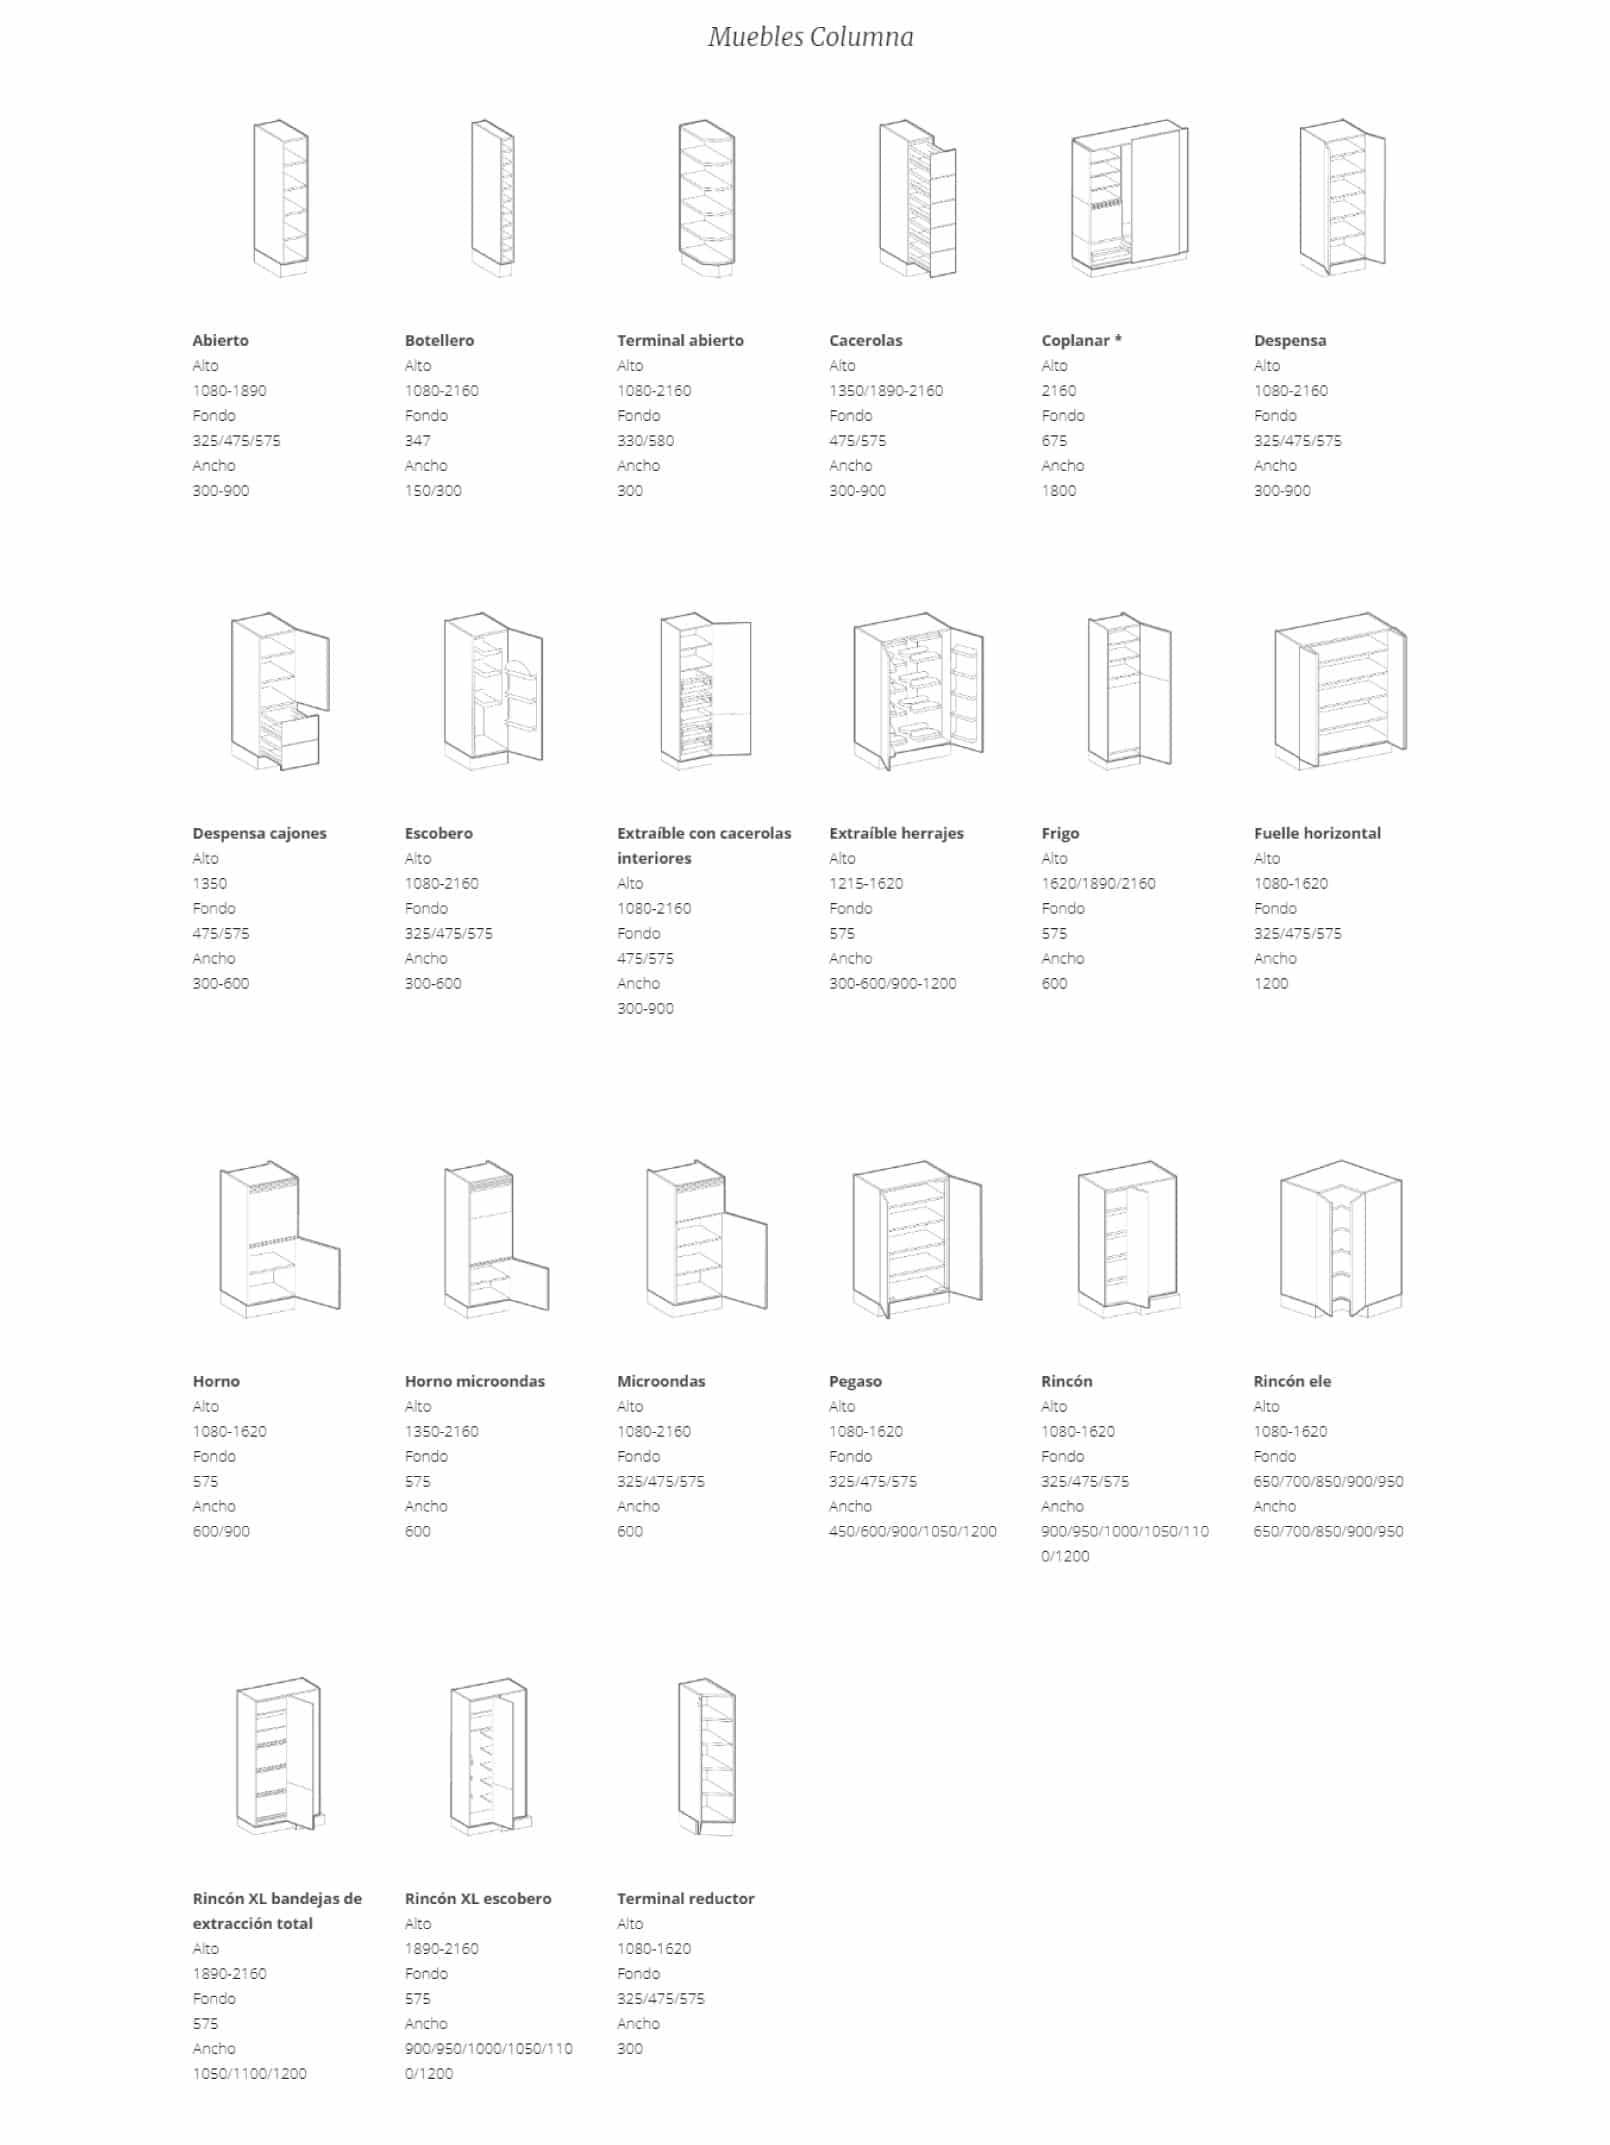 Tipología de muebles columna Senssia